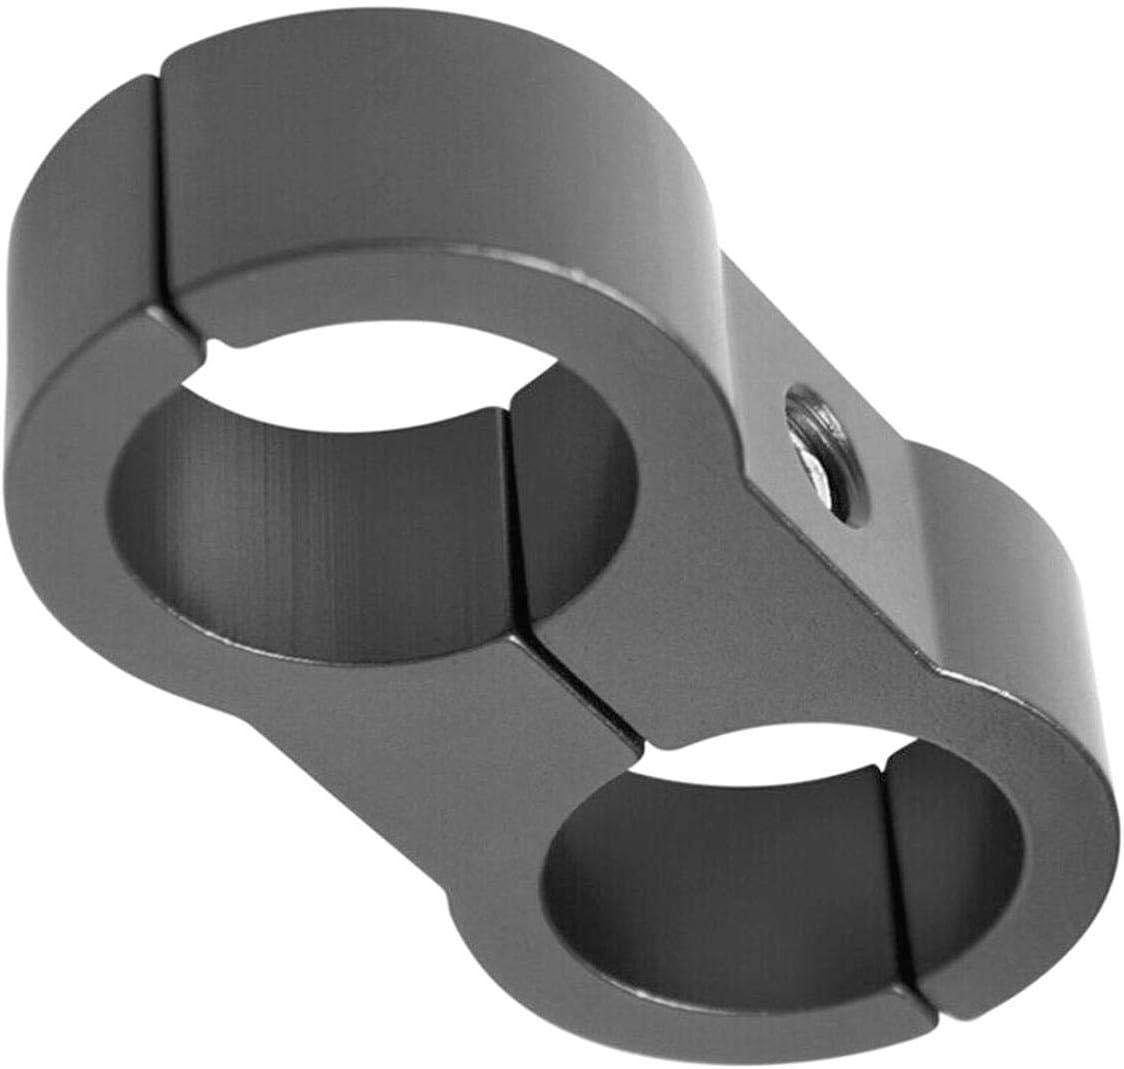 Z-KOKO 2pcs for 20MM Car Braided Hose Clamp Spark Plug Wire Hose Separator Clamp AN8 Sliver